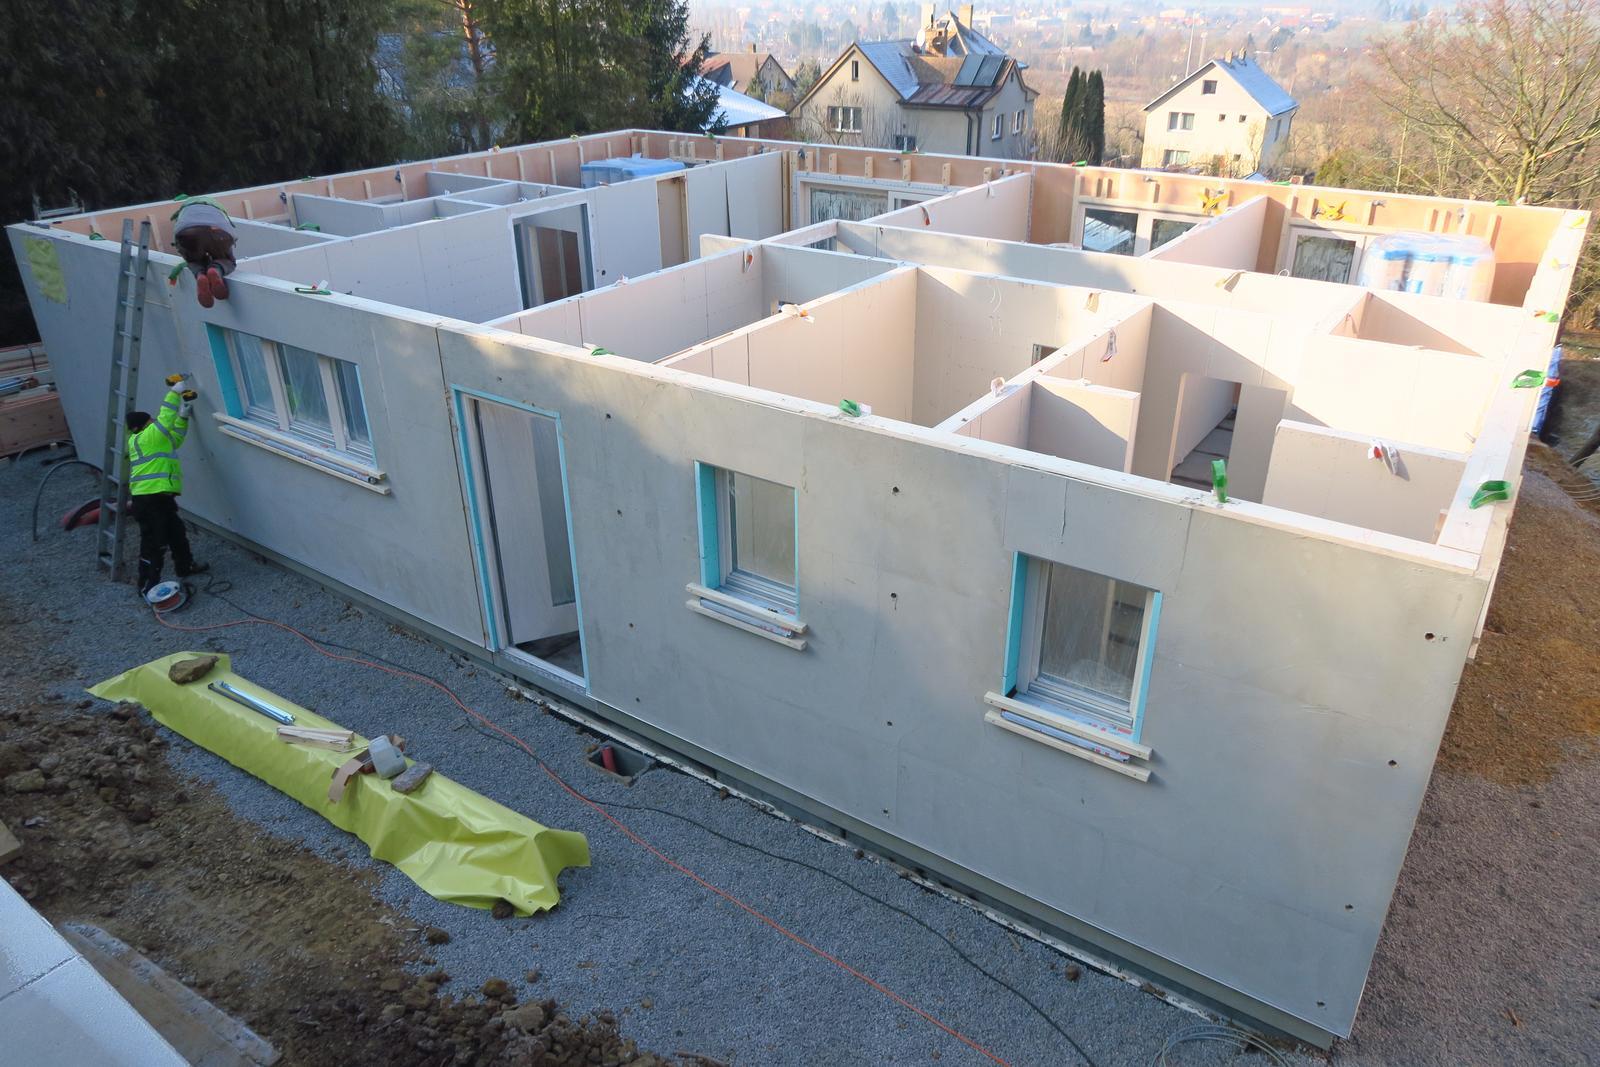 Stavba našeho bungalovu ve svahu - Obrázek č. 42